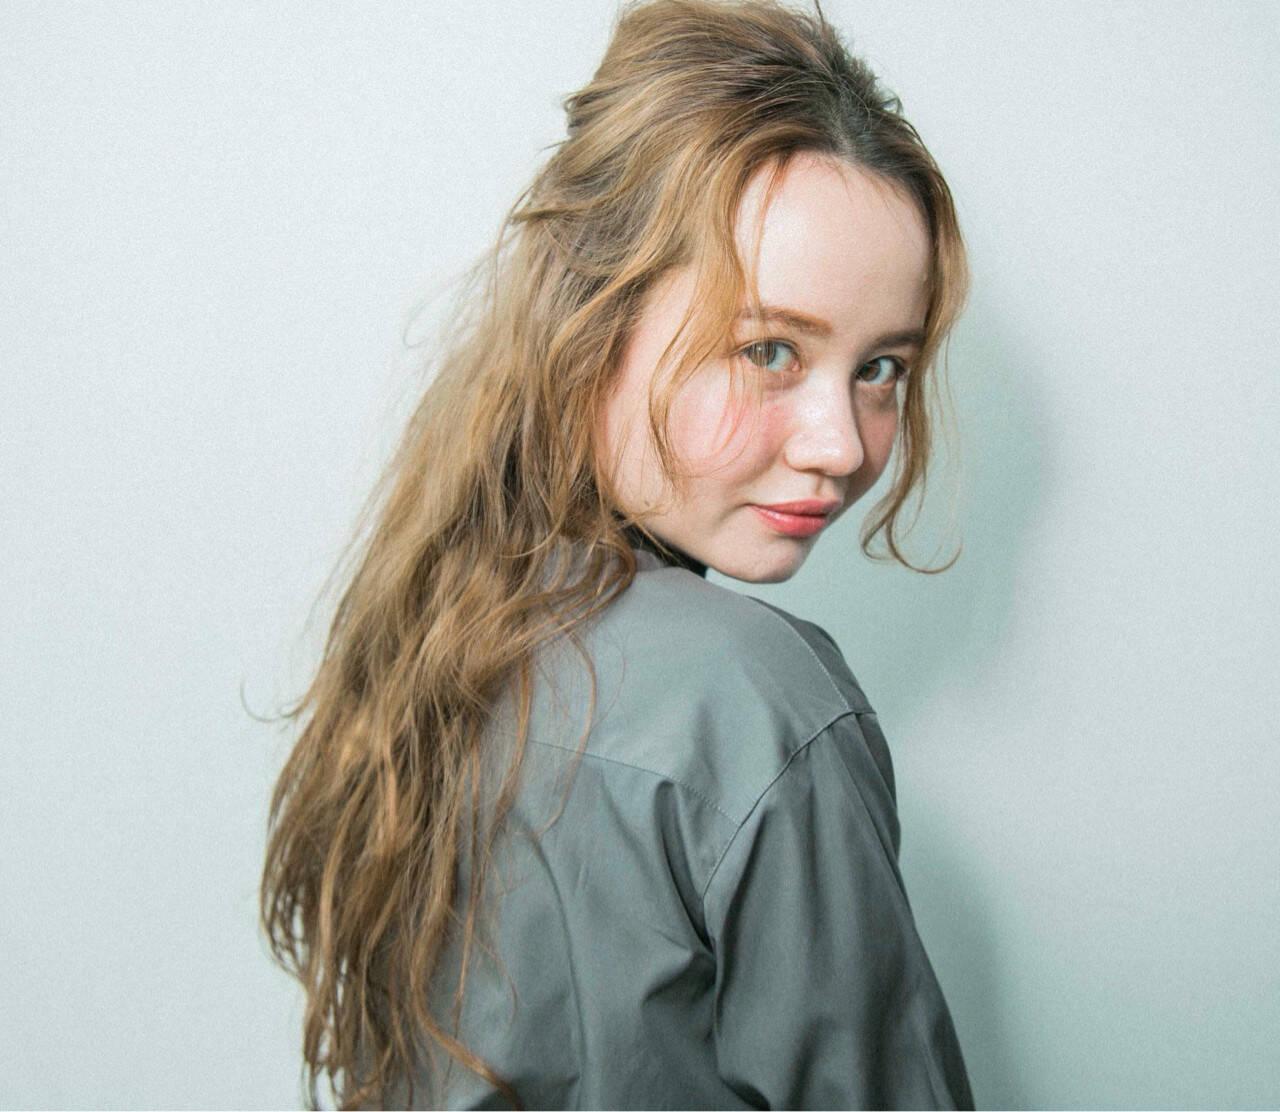 ナチュラル 簡単ヘアアレンジ ロングヘアスタイル ロングヘアヘアスタイルや髪型の写真・画像